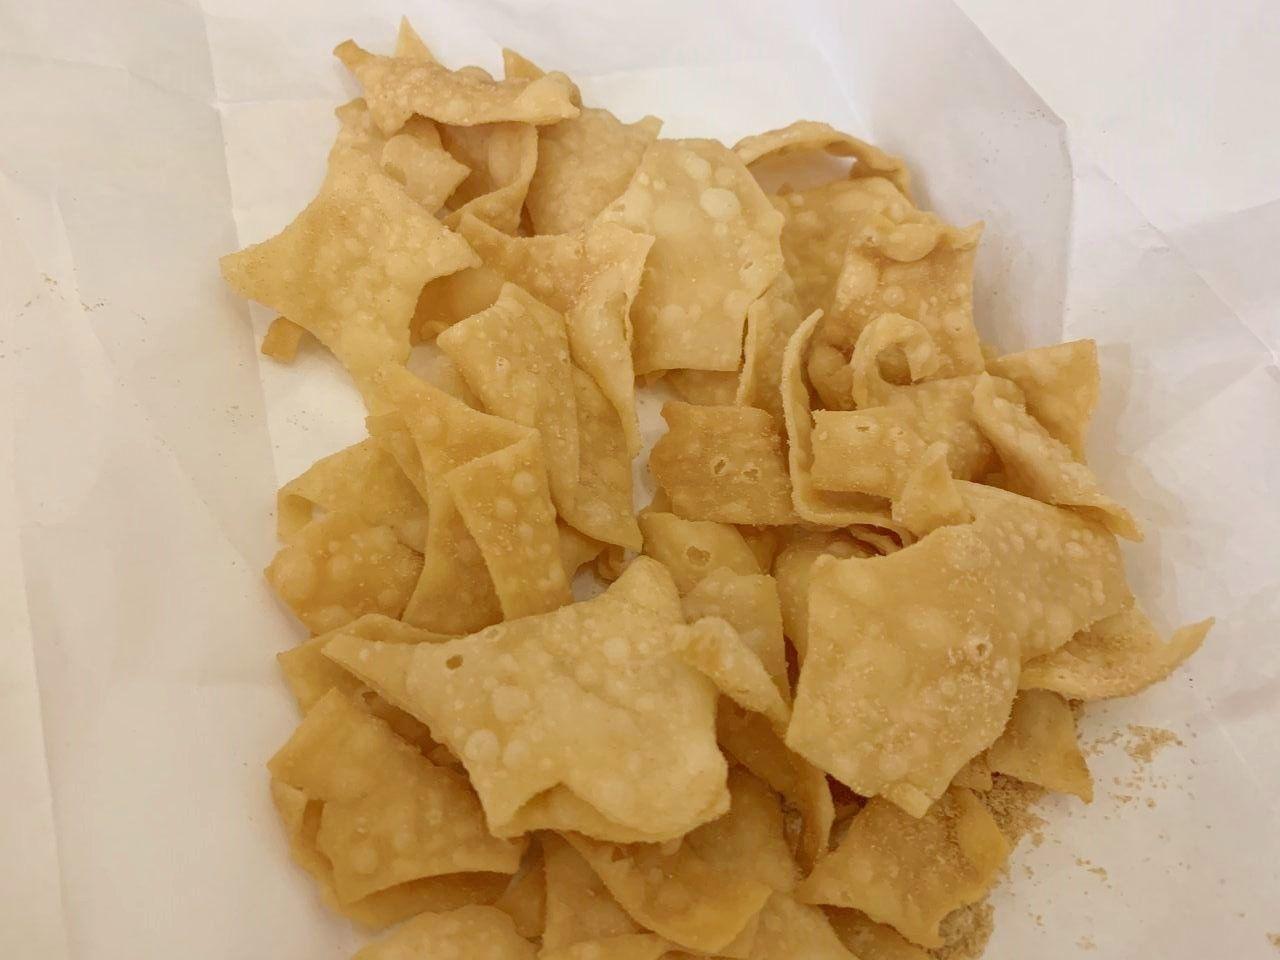 餃子の皮のチップ!バター醤油のほかに、チーズ・カレーなど子供の好きそうな味があります♪